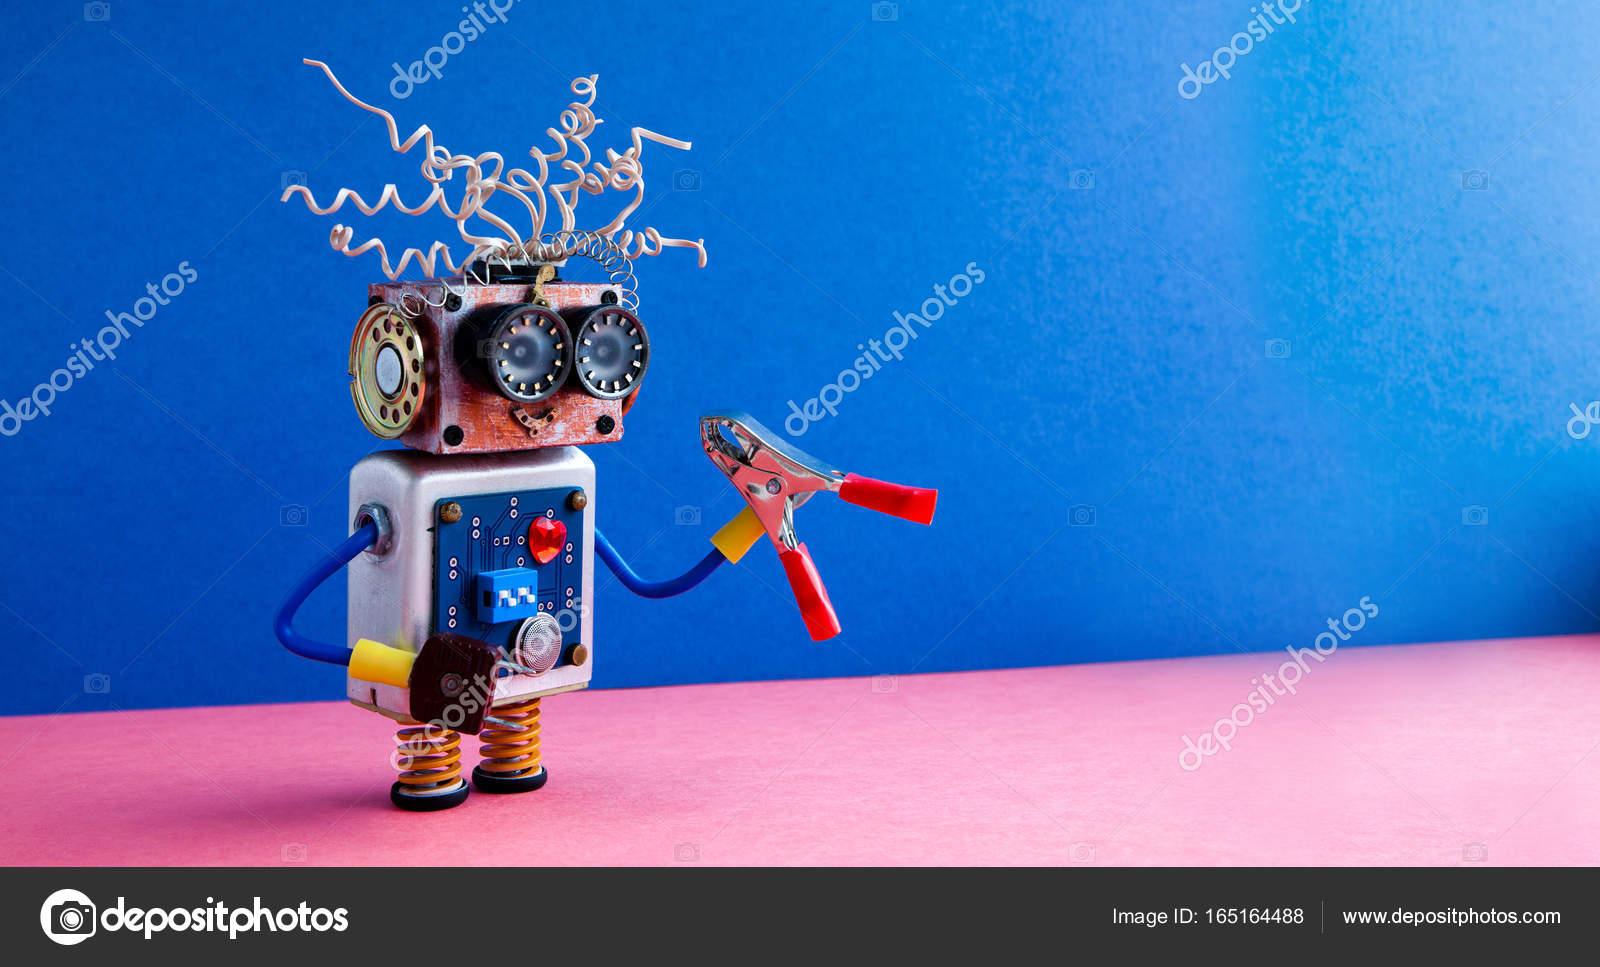 c0835429fc8c57 Cyborg jouet drôle électrique fils de grosses lunettes, coiffure, coeur  rouge, corps de circuit électronique. Bleu fond rose. espace copie — Image  de ...